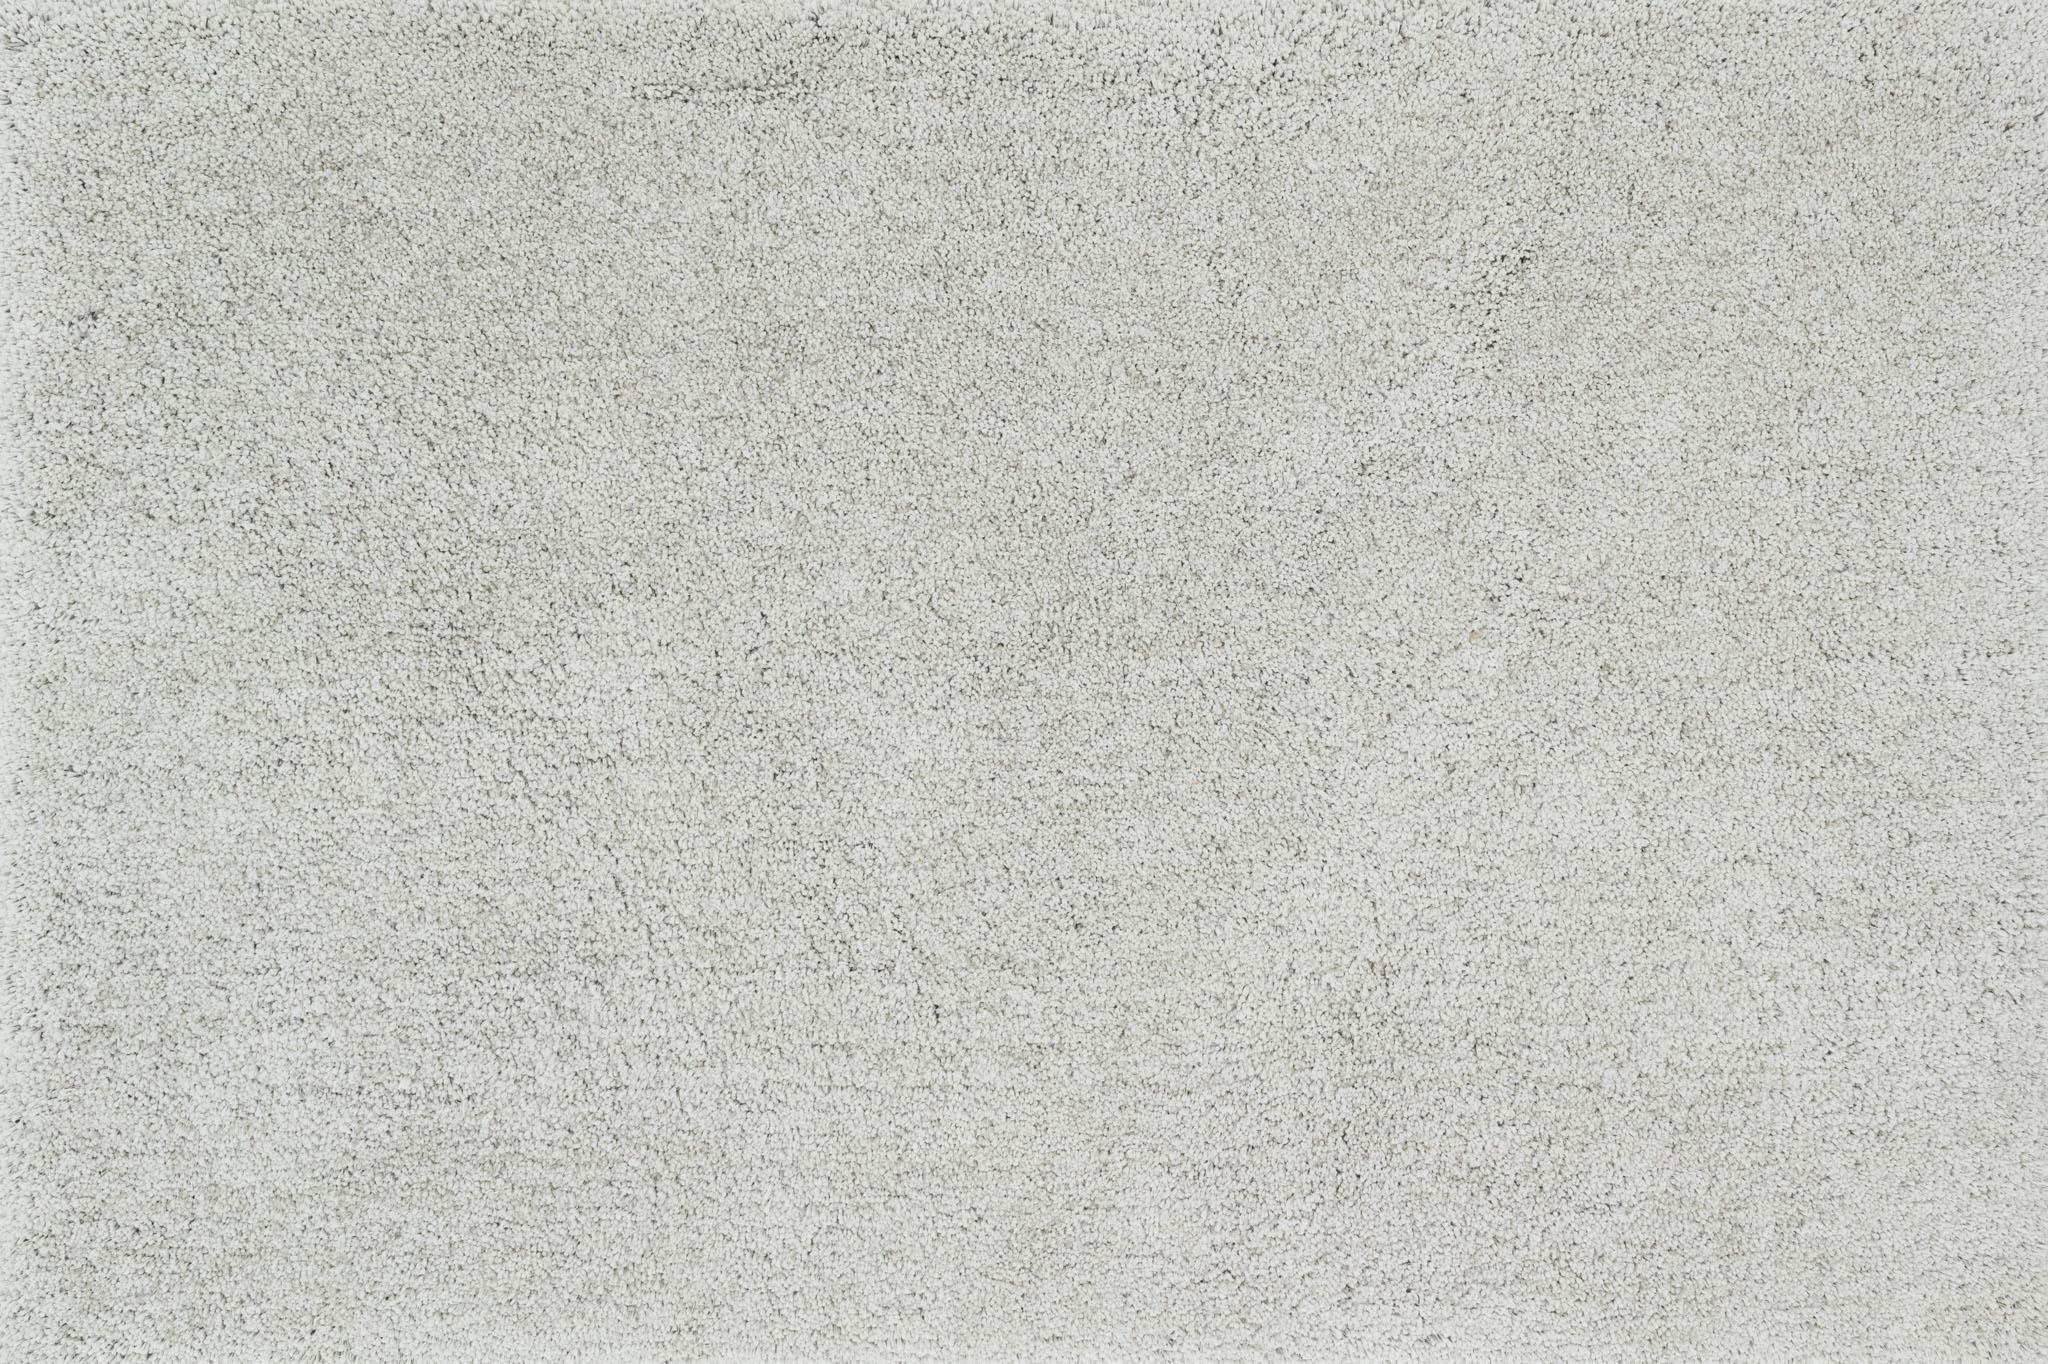 Loloi Cozy Shag Cz 01 Grey Rug